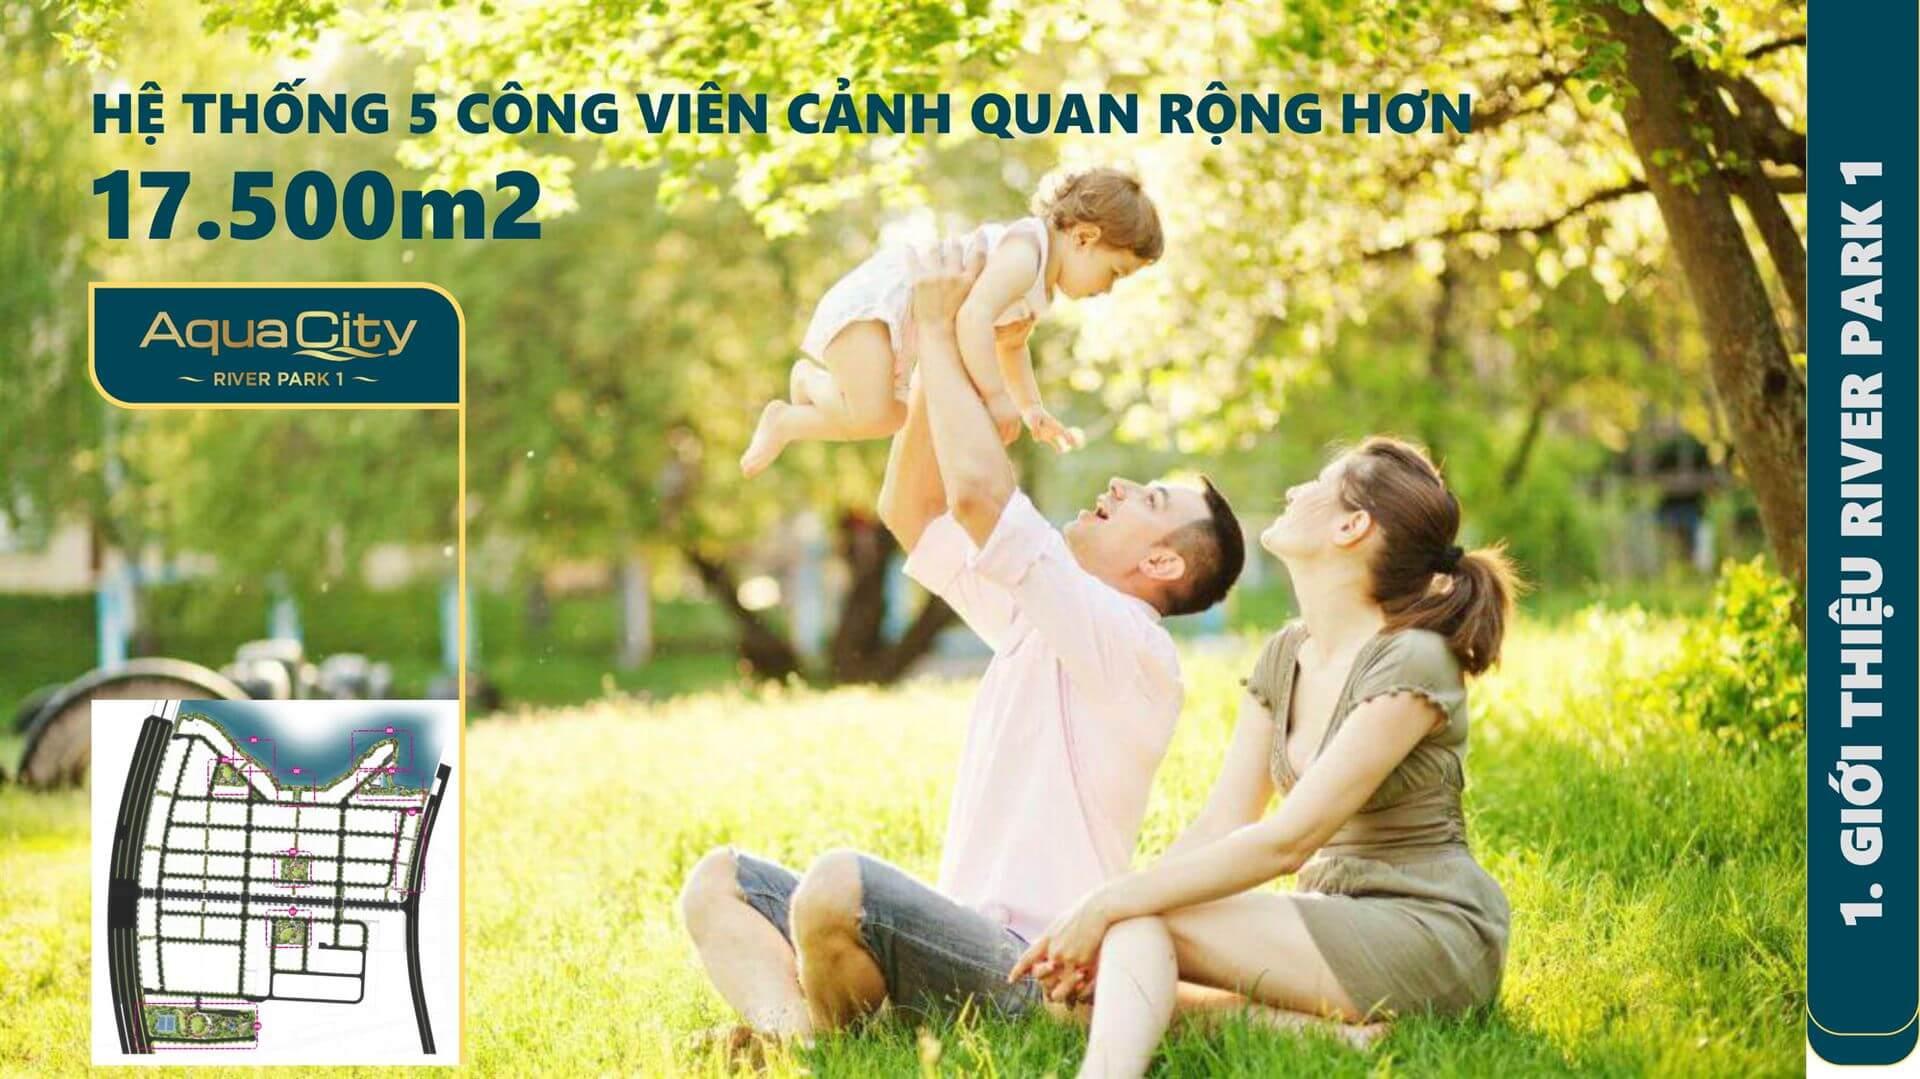 cong vien rong 17500 m2 Phan Khu River Park 1 du an Aqua City Dong Nai Novaland